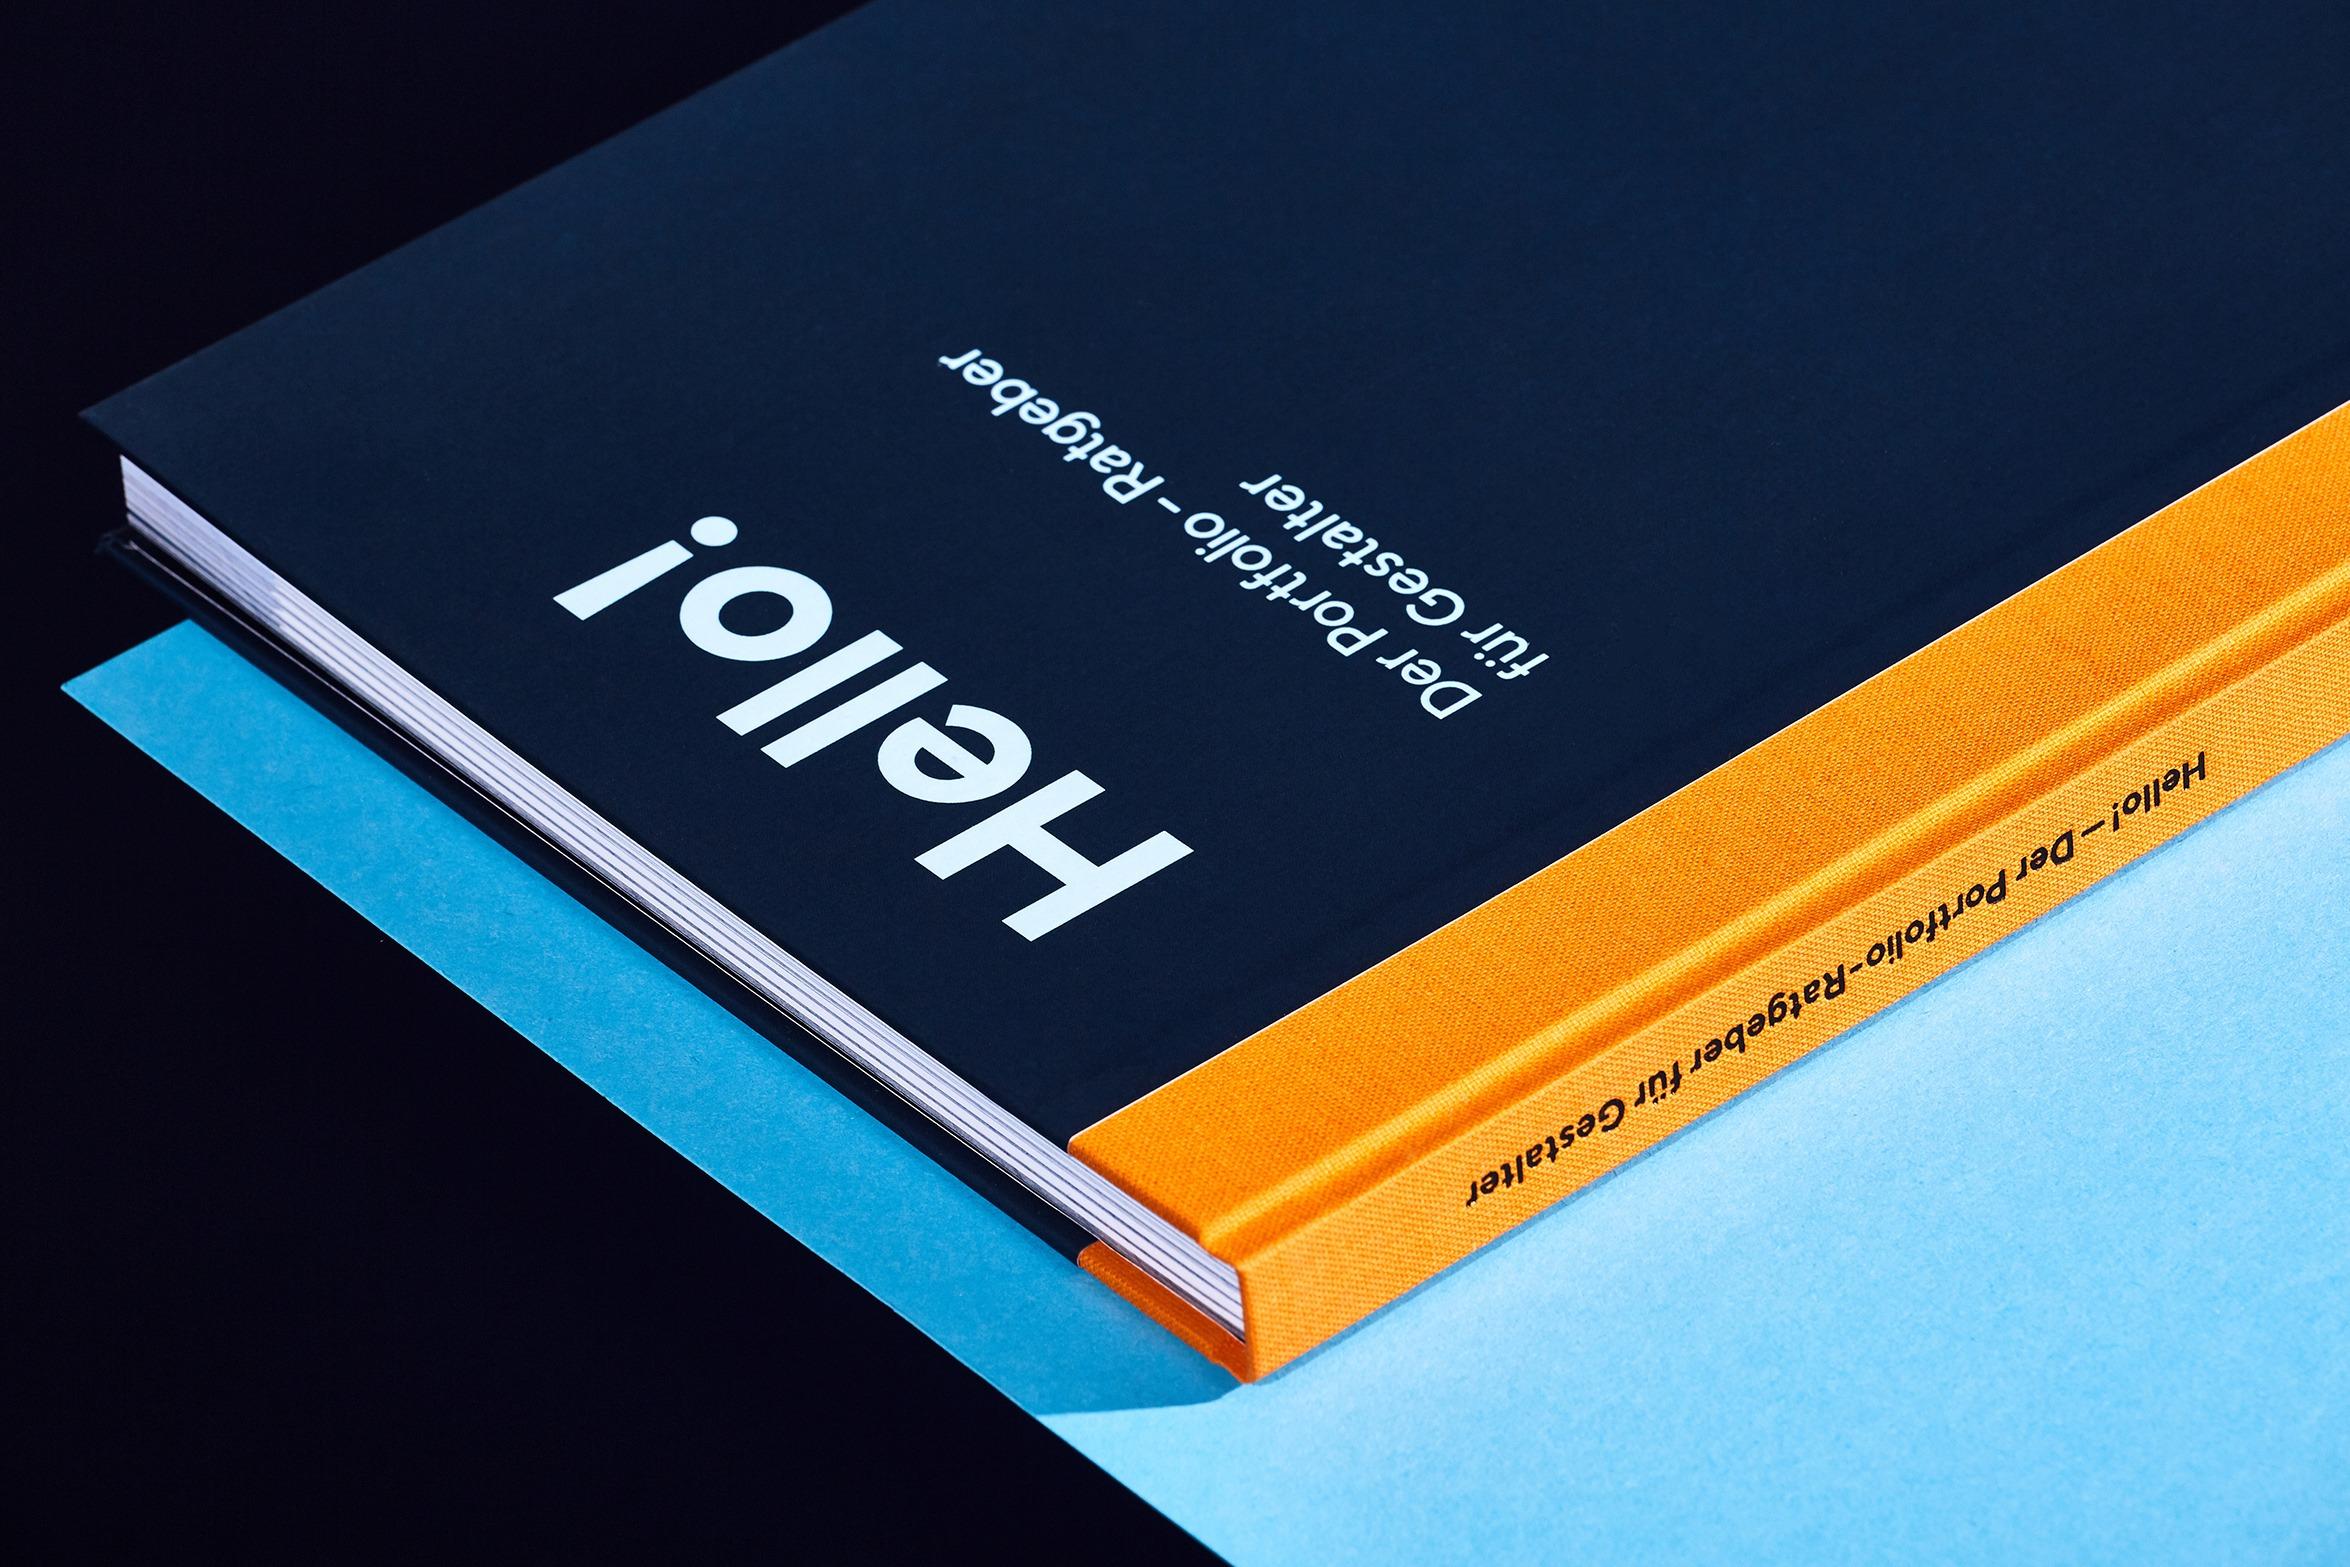 Editorialdesign straubmuellerstudios Stuttgart Buch gesamt